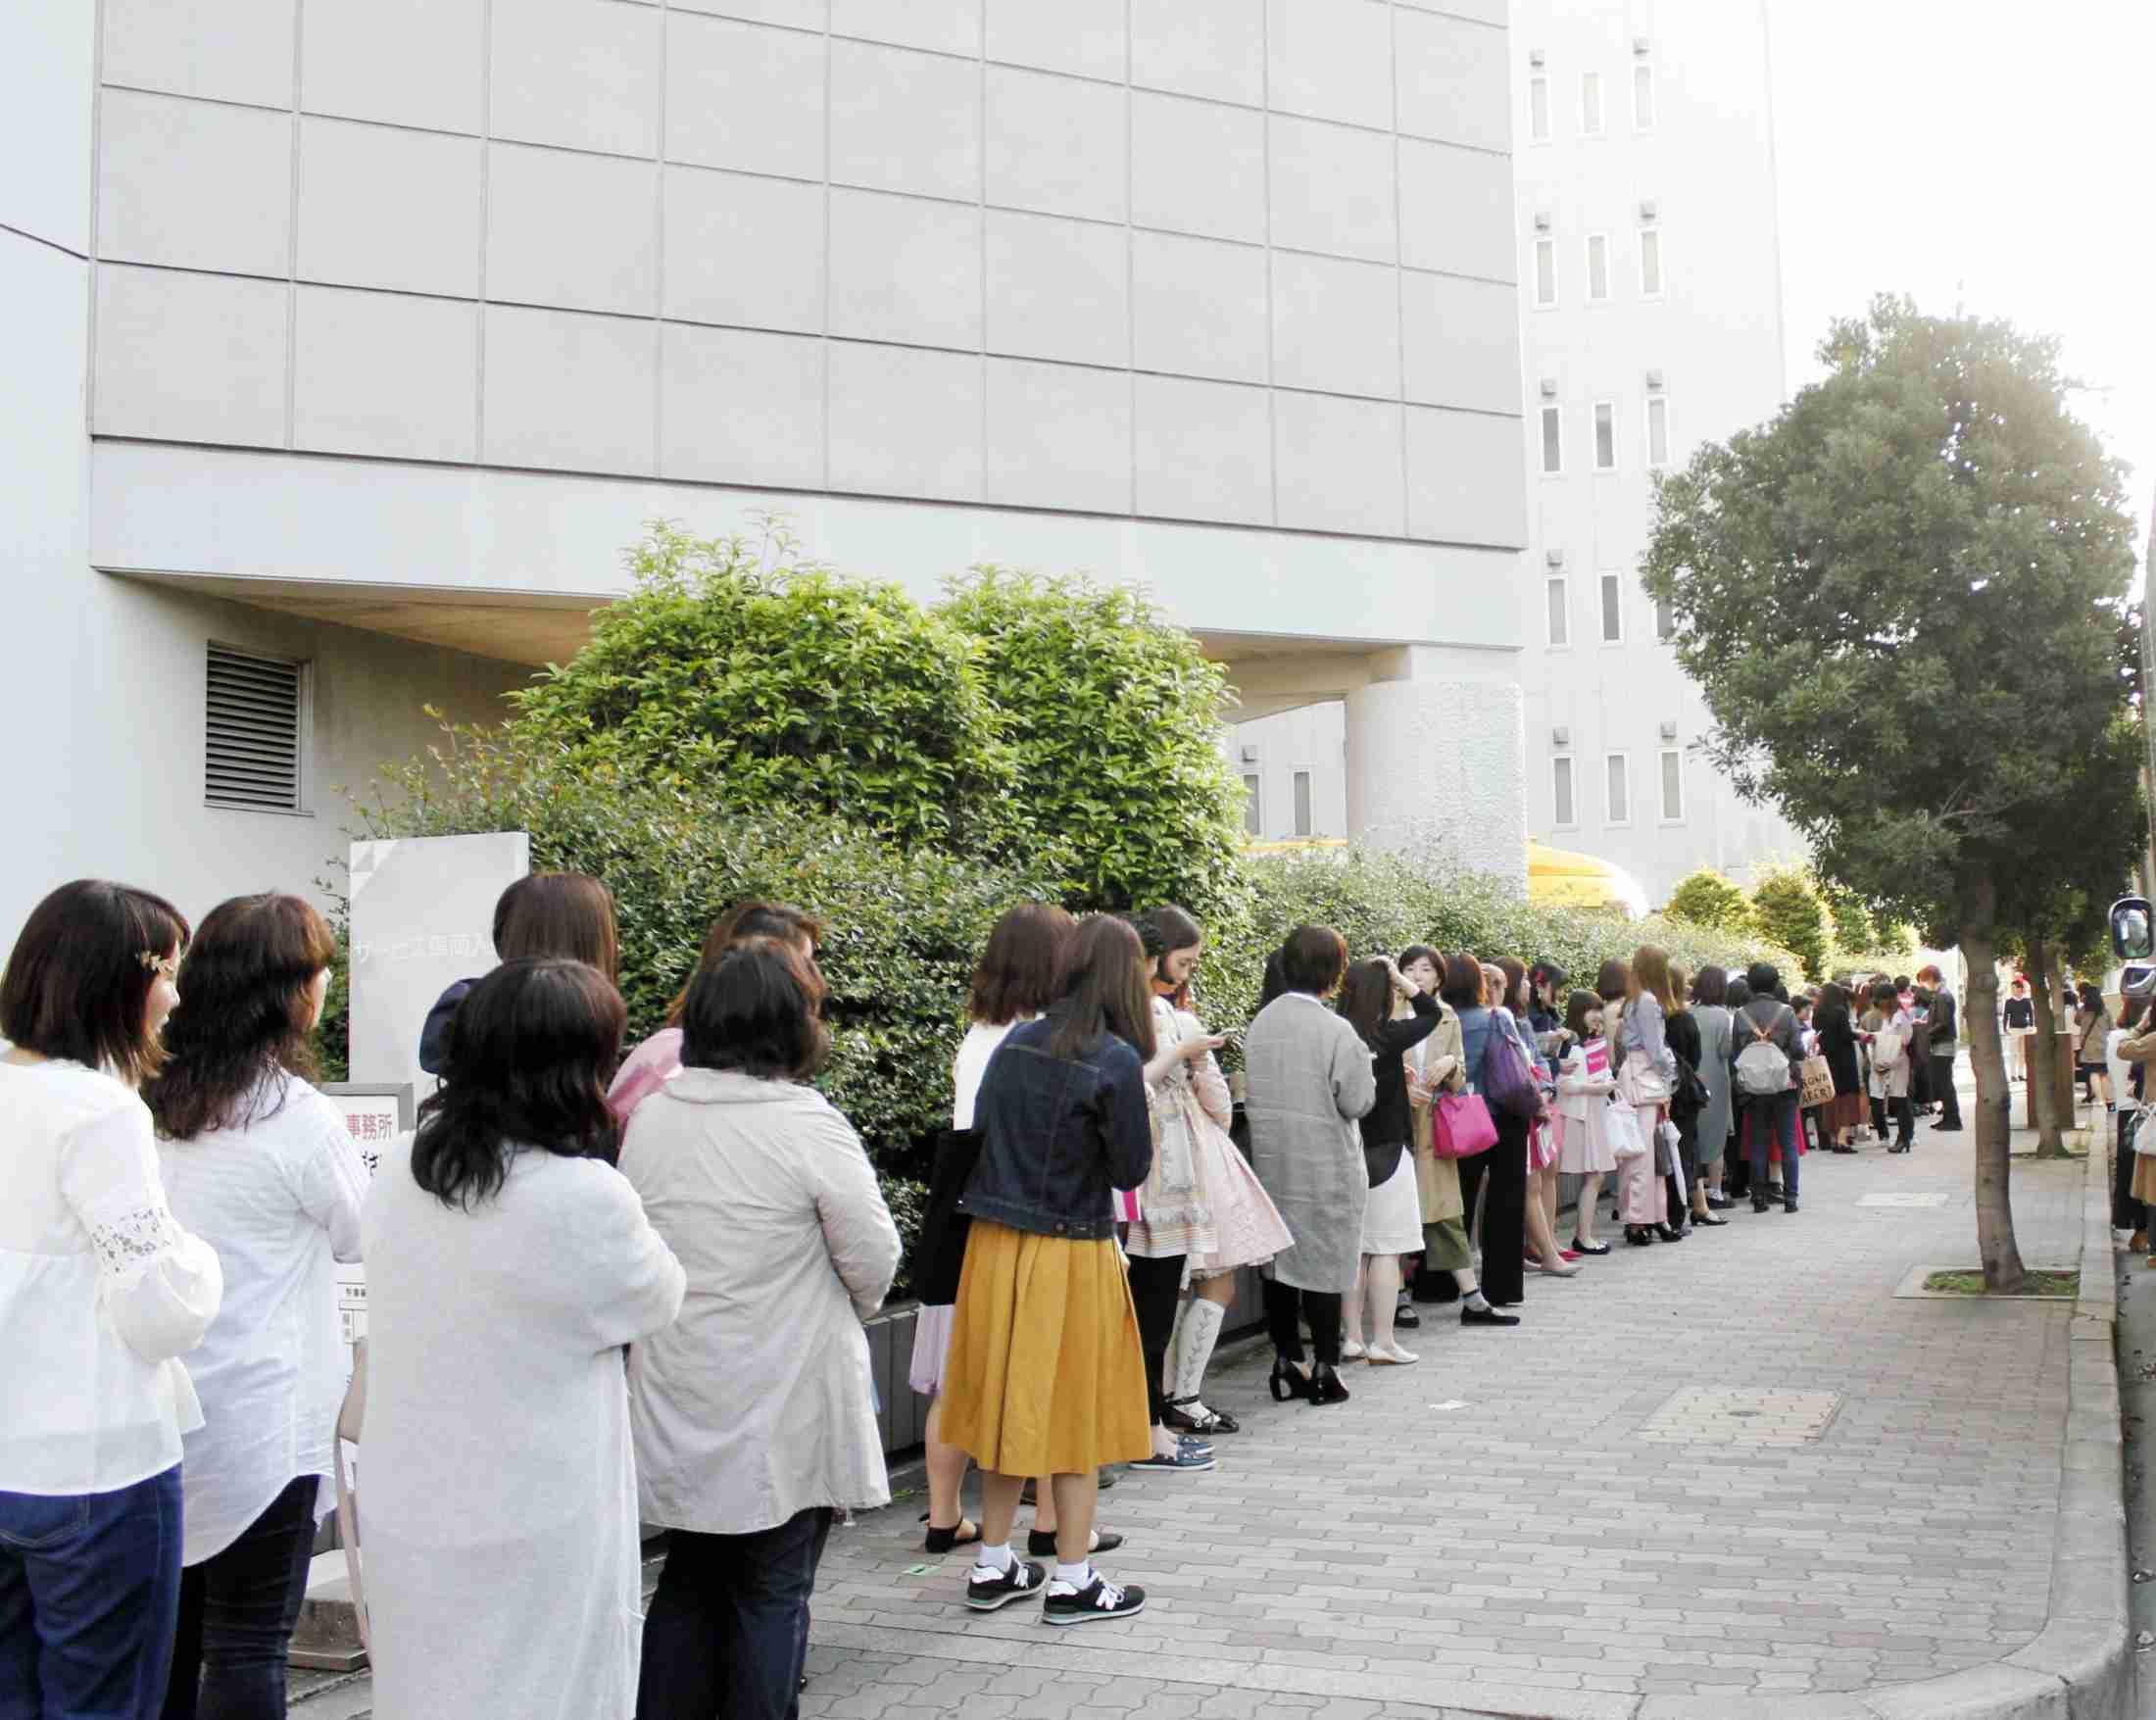 神田沙也加 千秋楽は別出口からスルリ…しょっぱい対応に200人ガックリ (デイリースポーツ) - Yahoo!ニュース